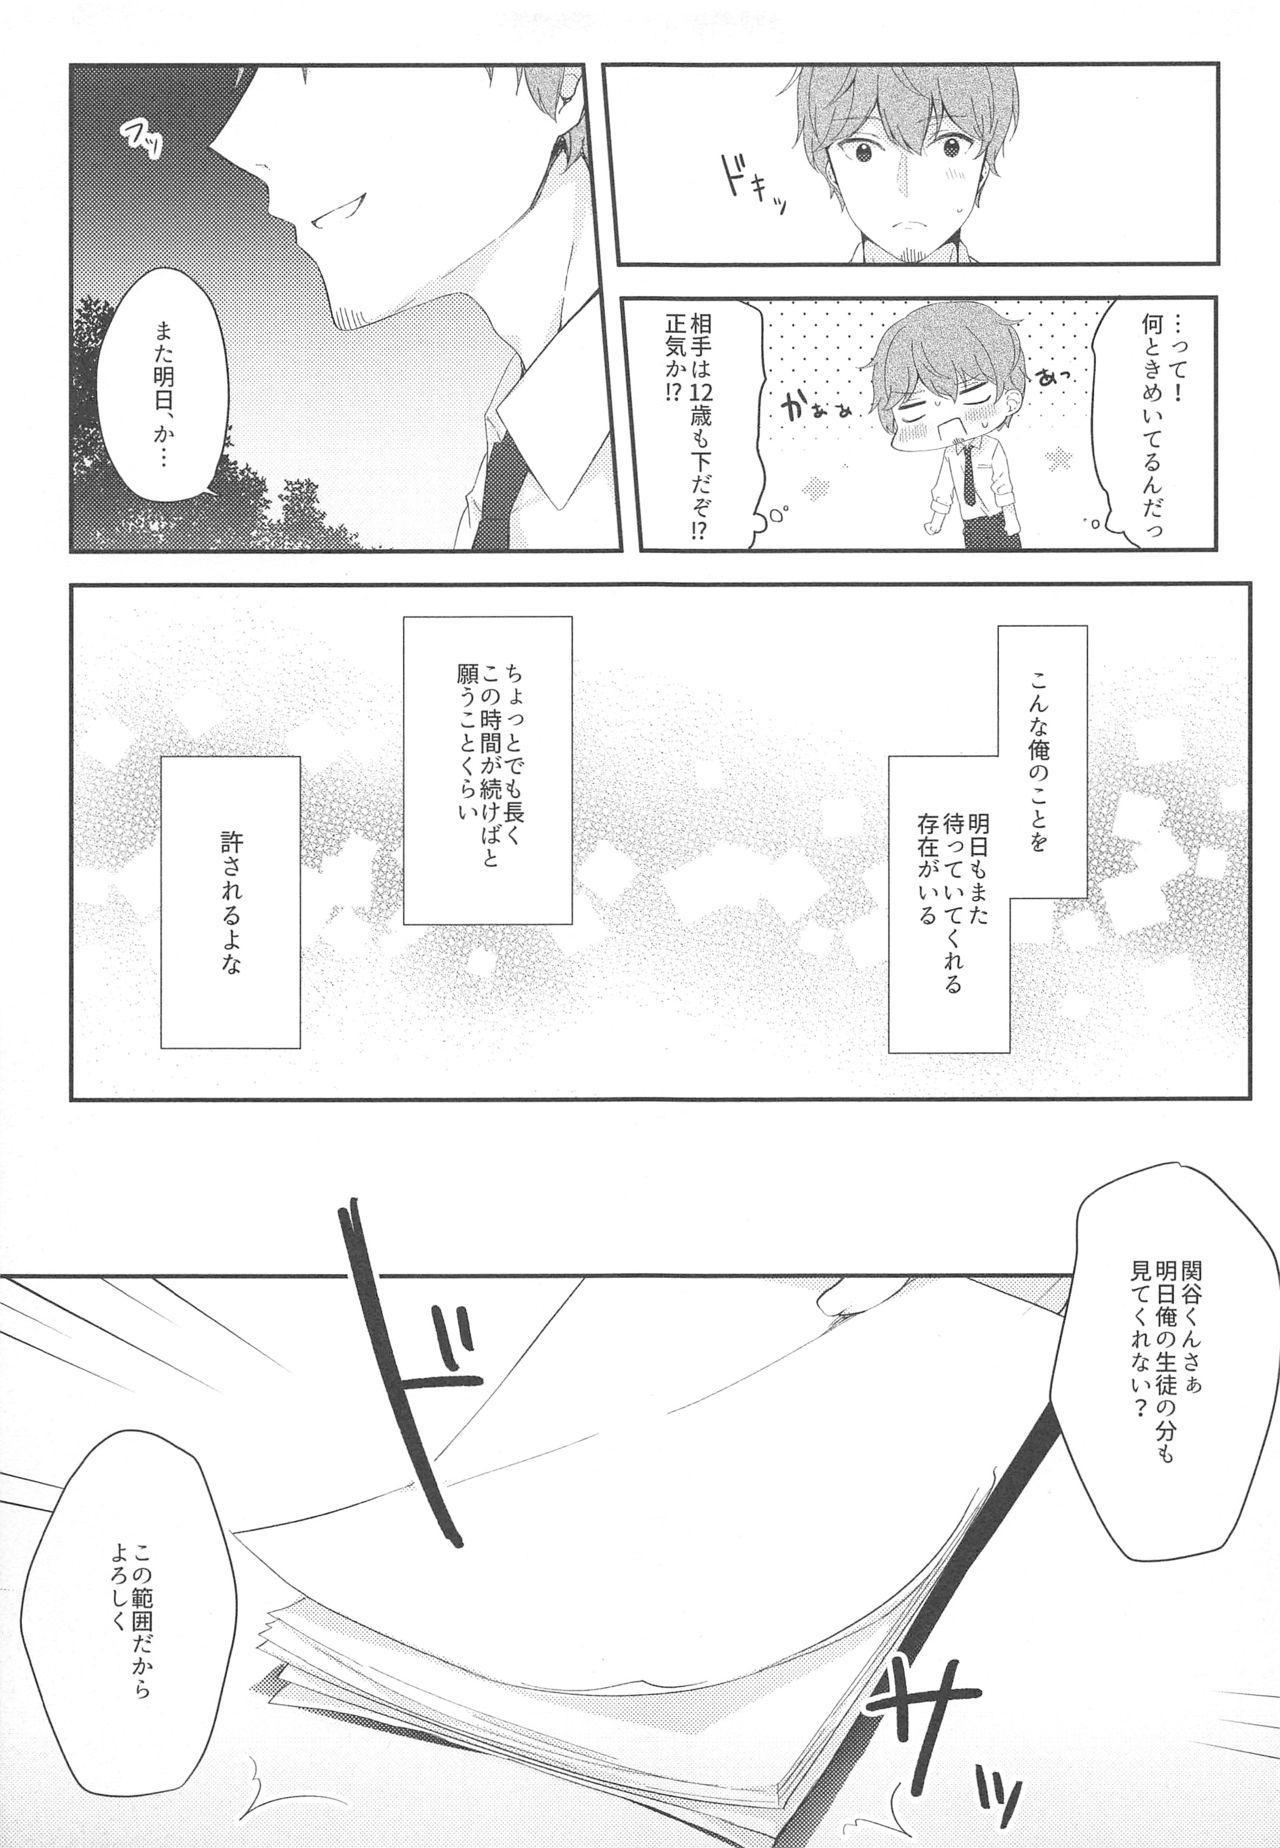 12-sai Sa no Himitsu Renai 9